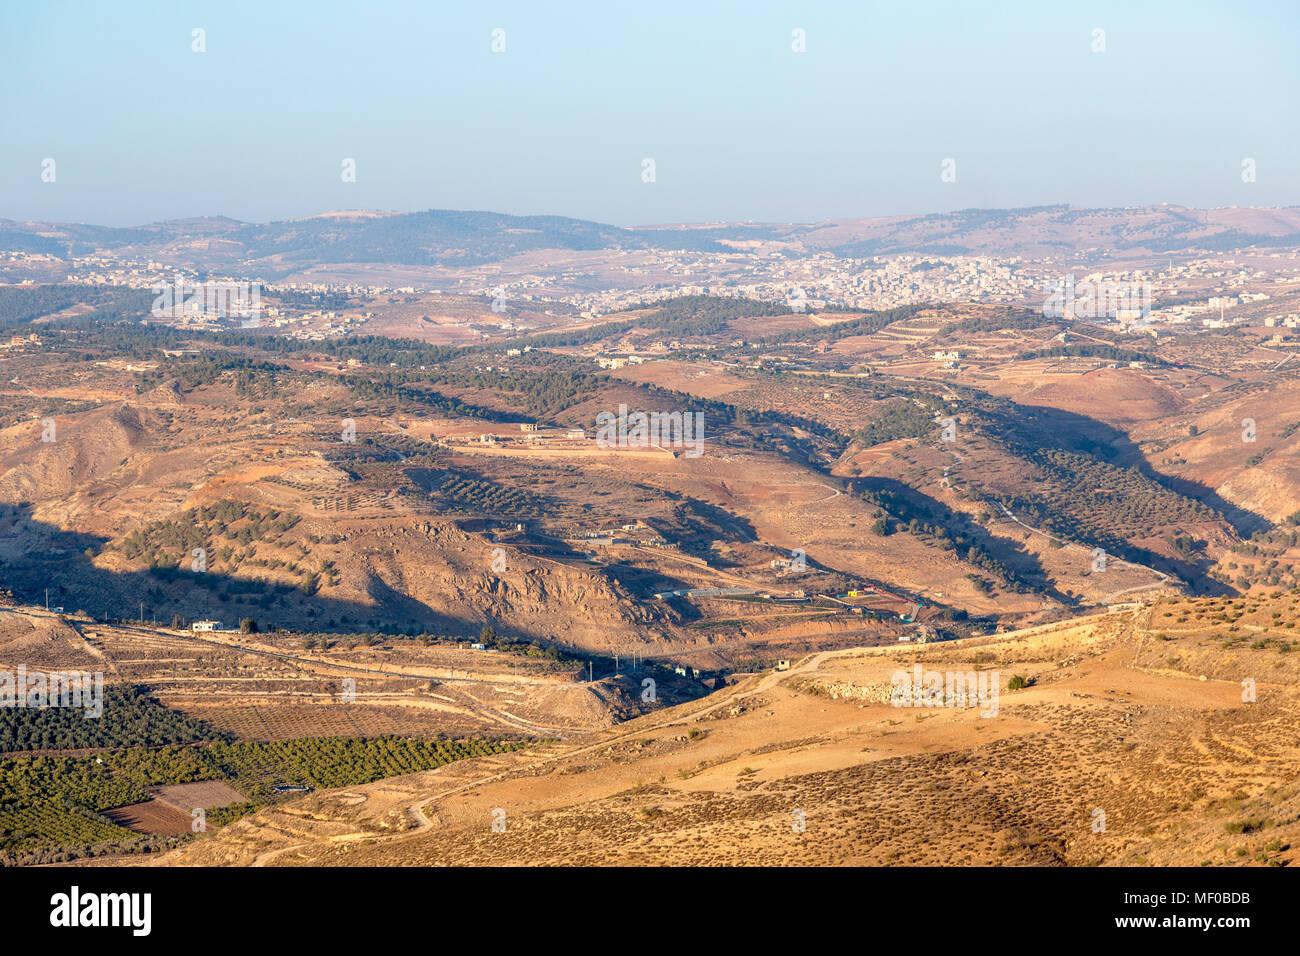 Rural landscape in Jordan - Stock Image